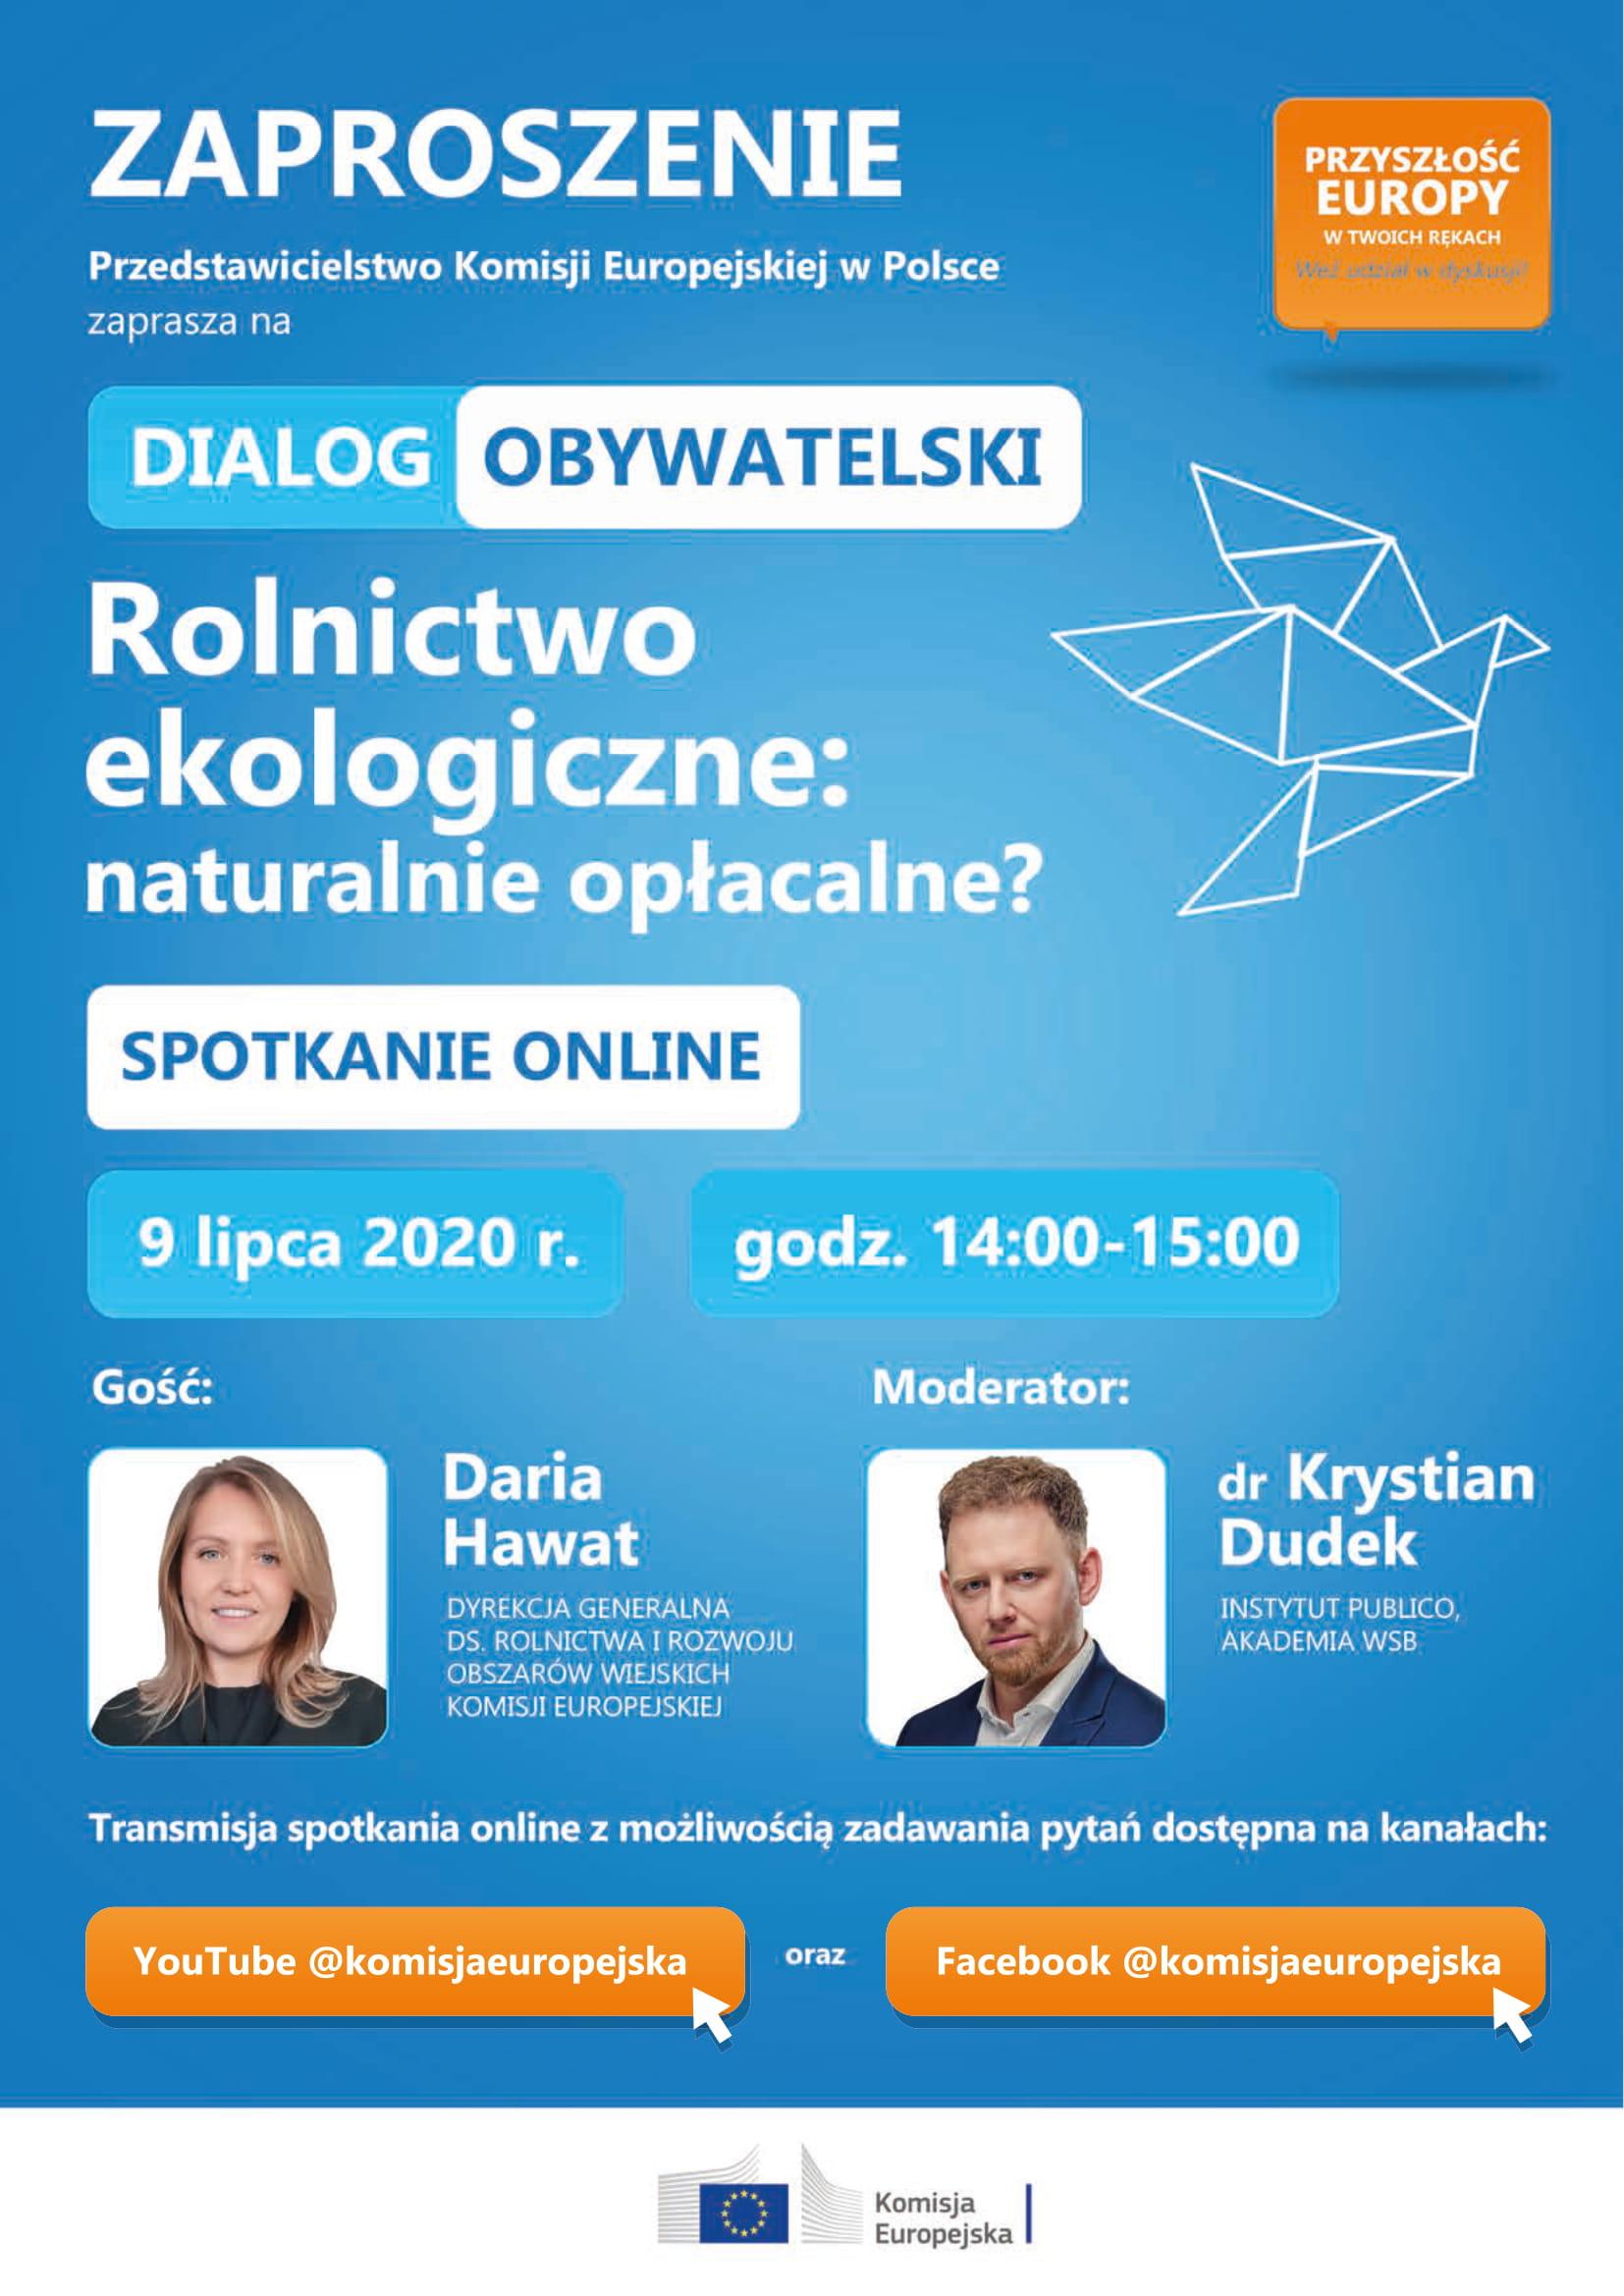 Rolnictwo ekologiczne – Dialog Obywatelski online 9 lipca